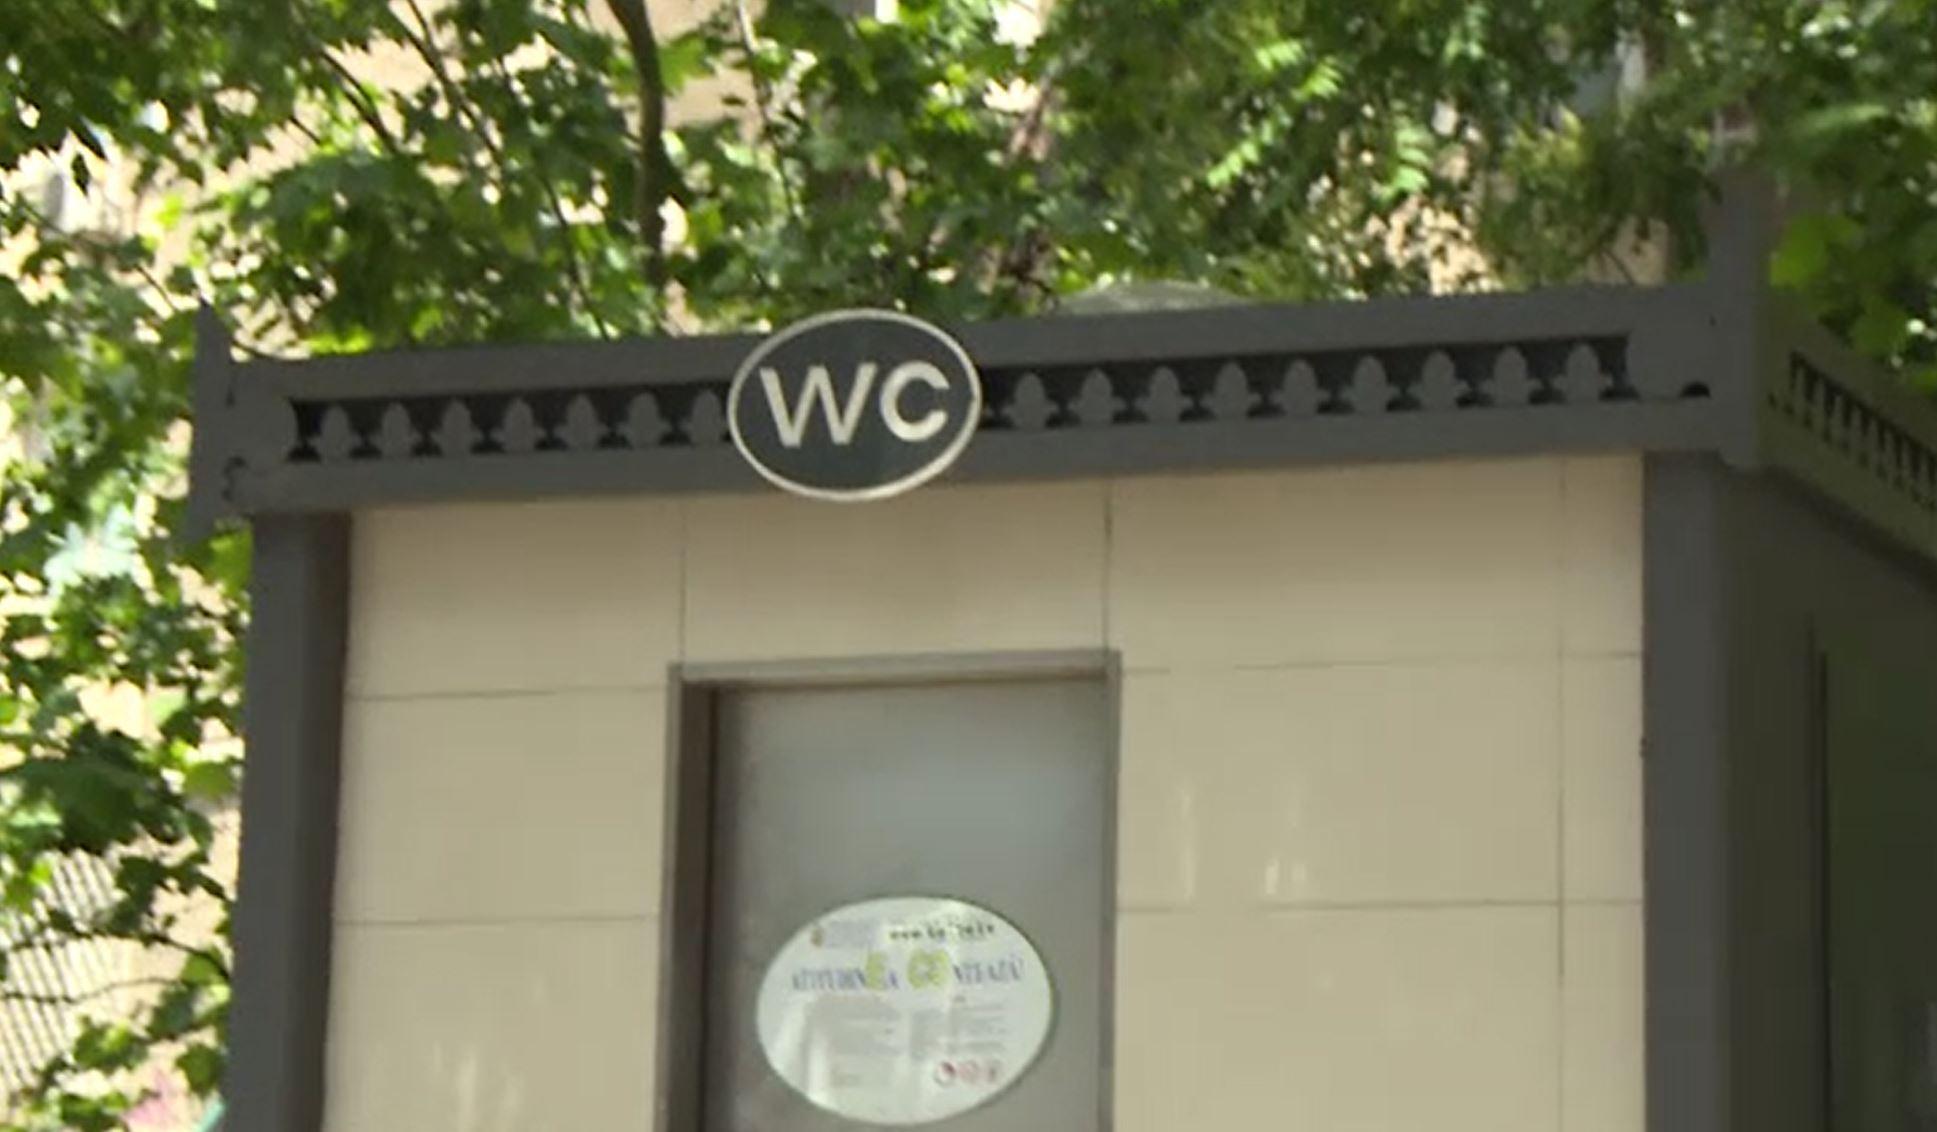 Criză de toalete publice în Capitală, înainte de EURO 2020. Cum se scuză reprezentanții primăriei